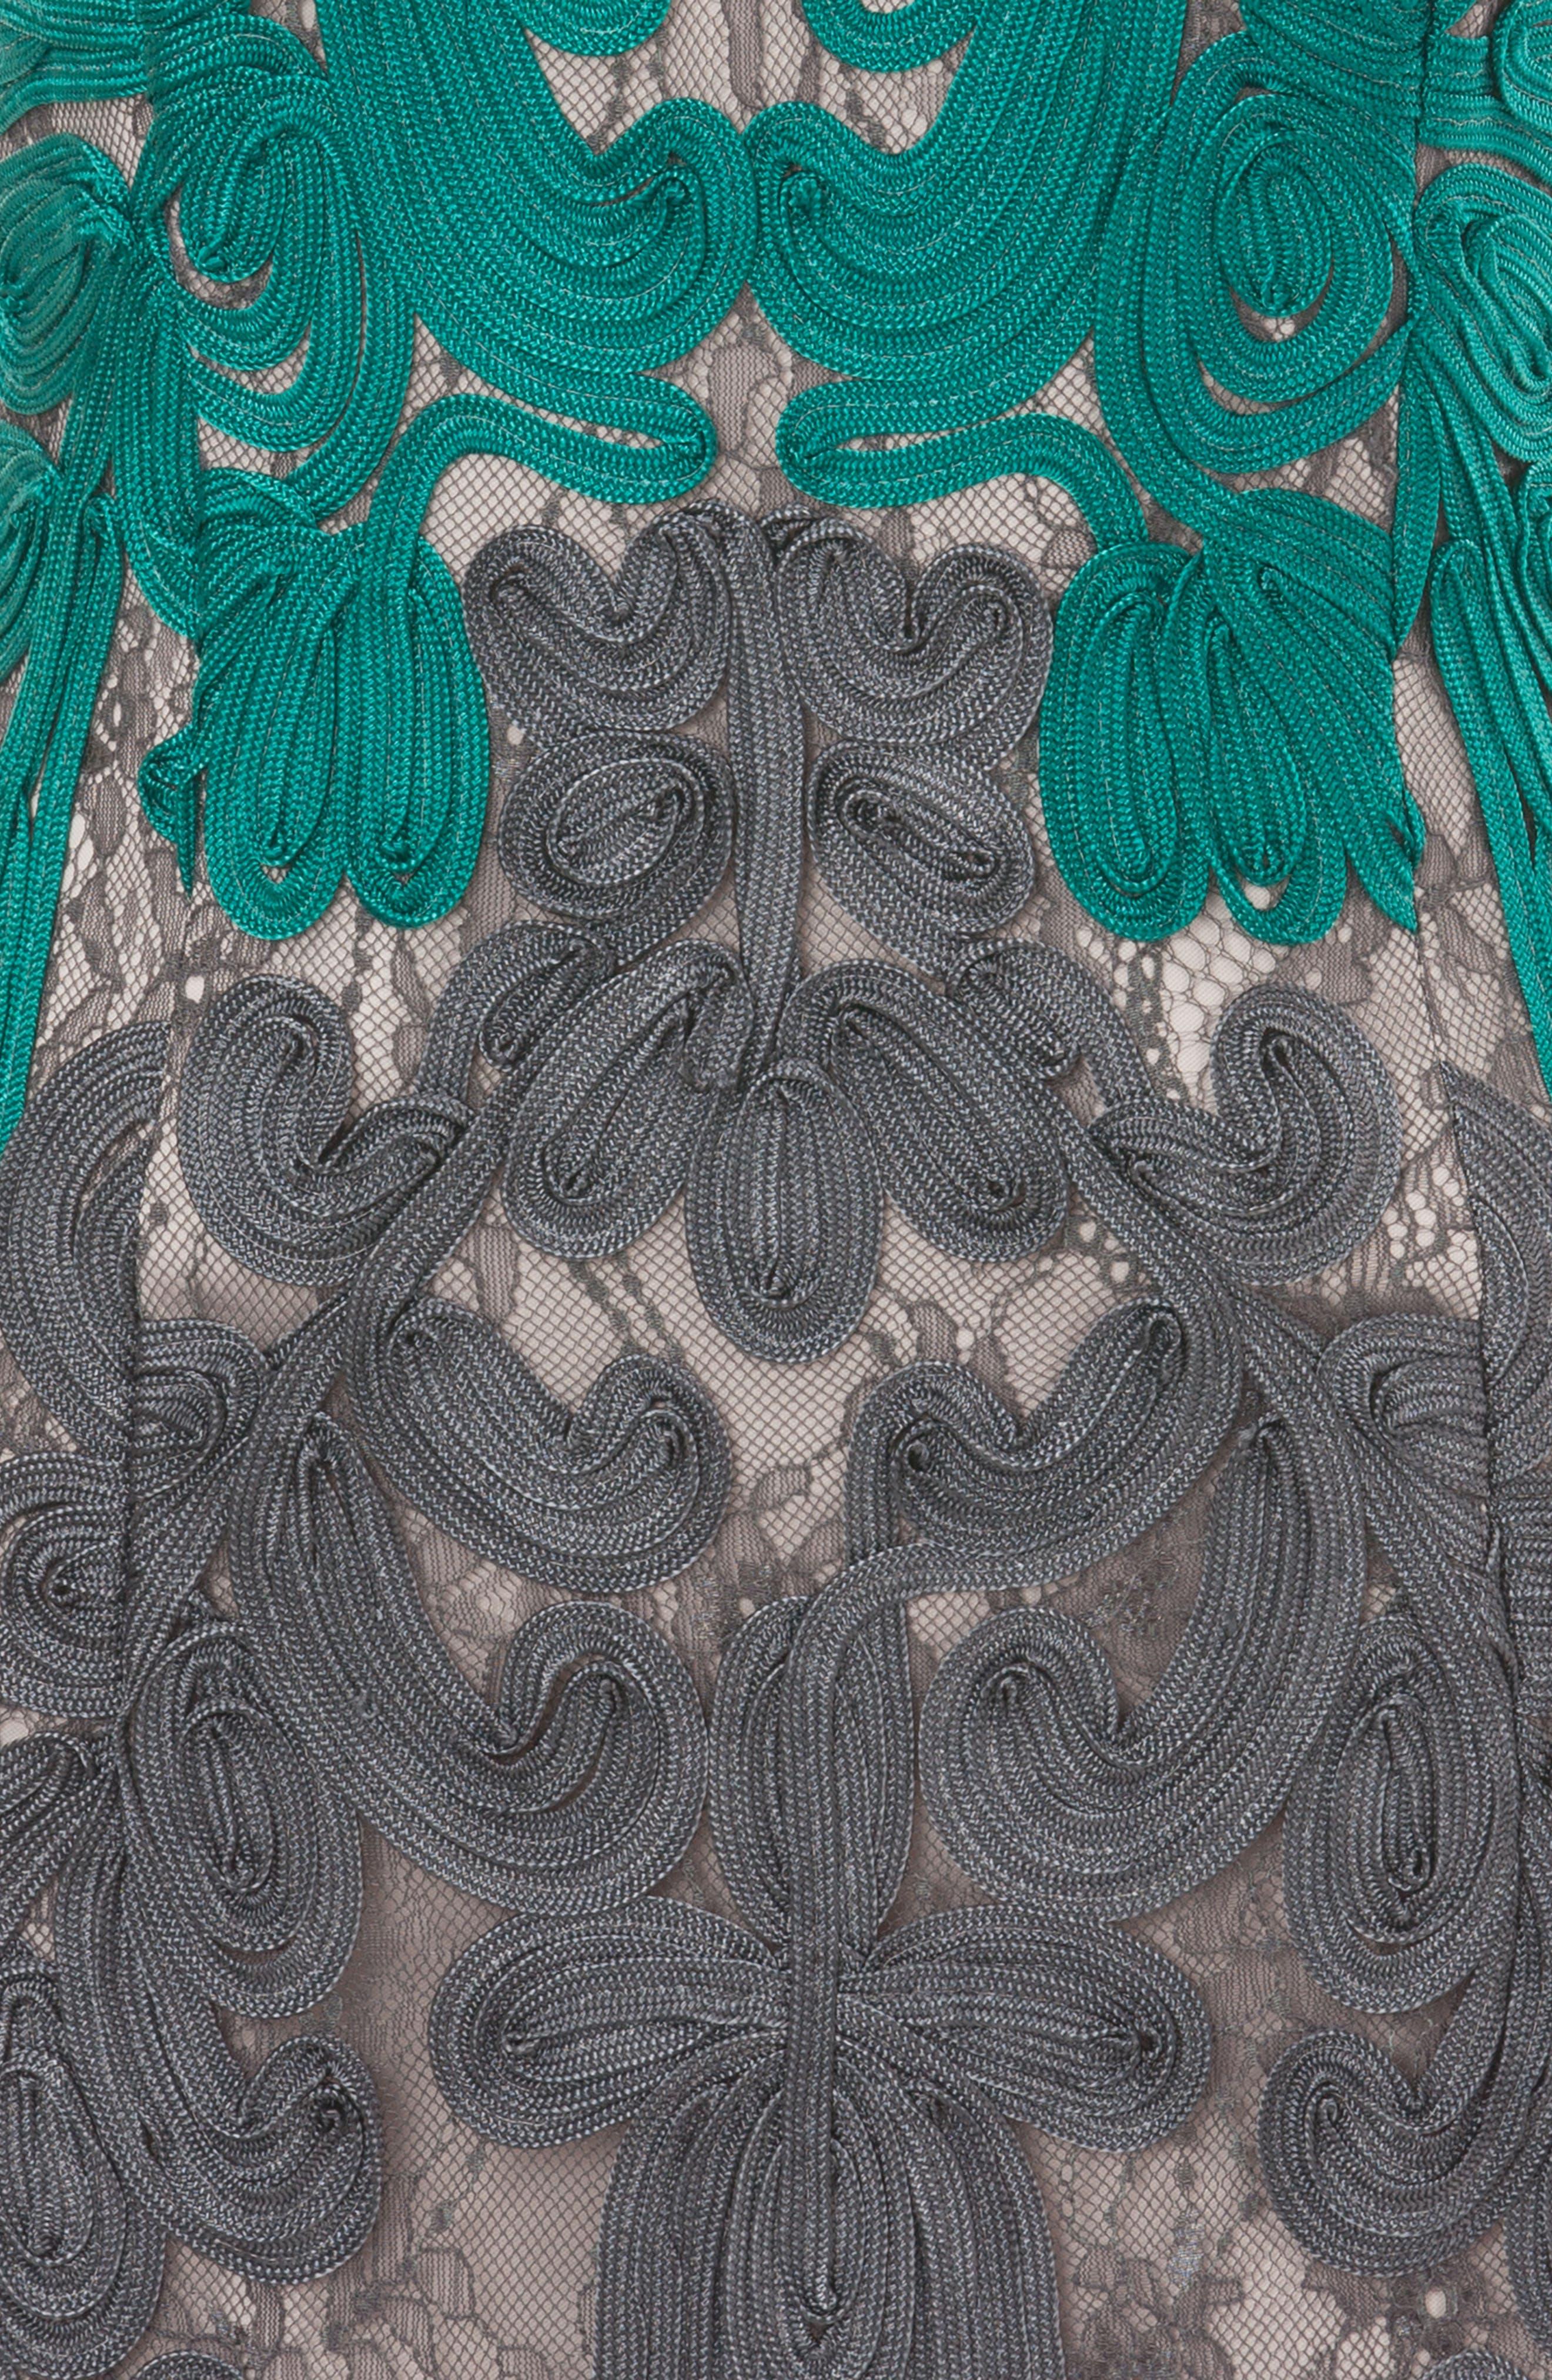 Soutache Lace Midi Dress,                             Alternate thumbnail 3, color,                             Teal/ Grey